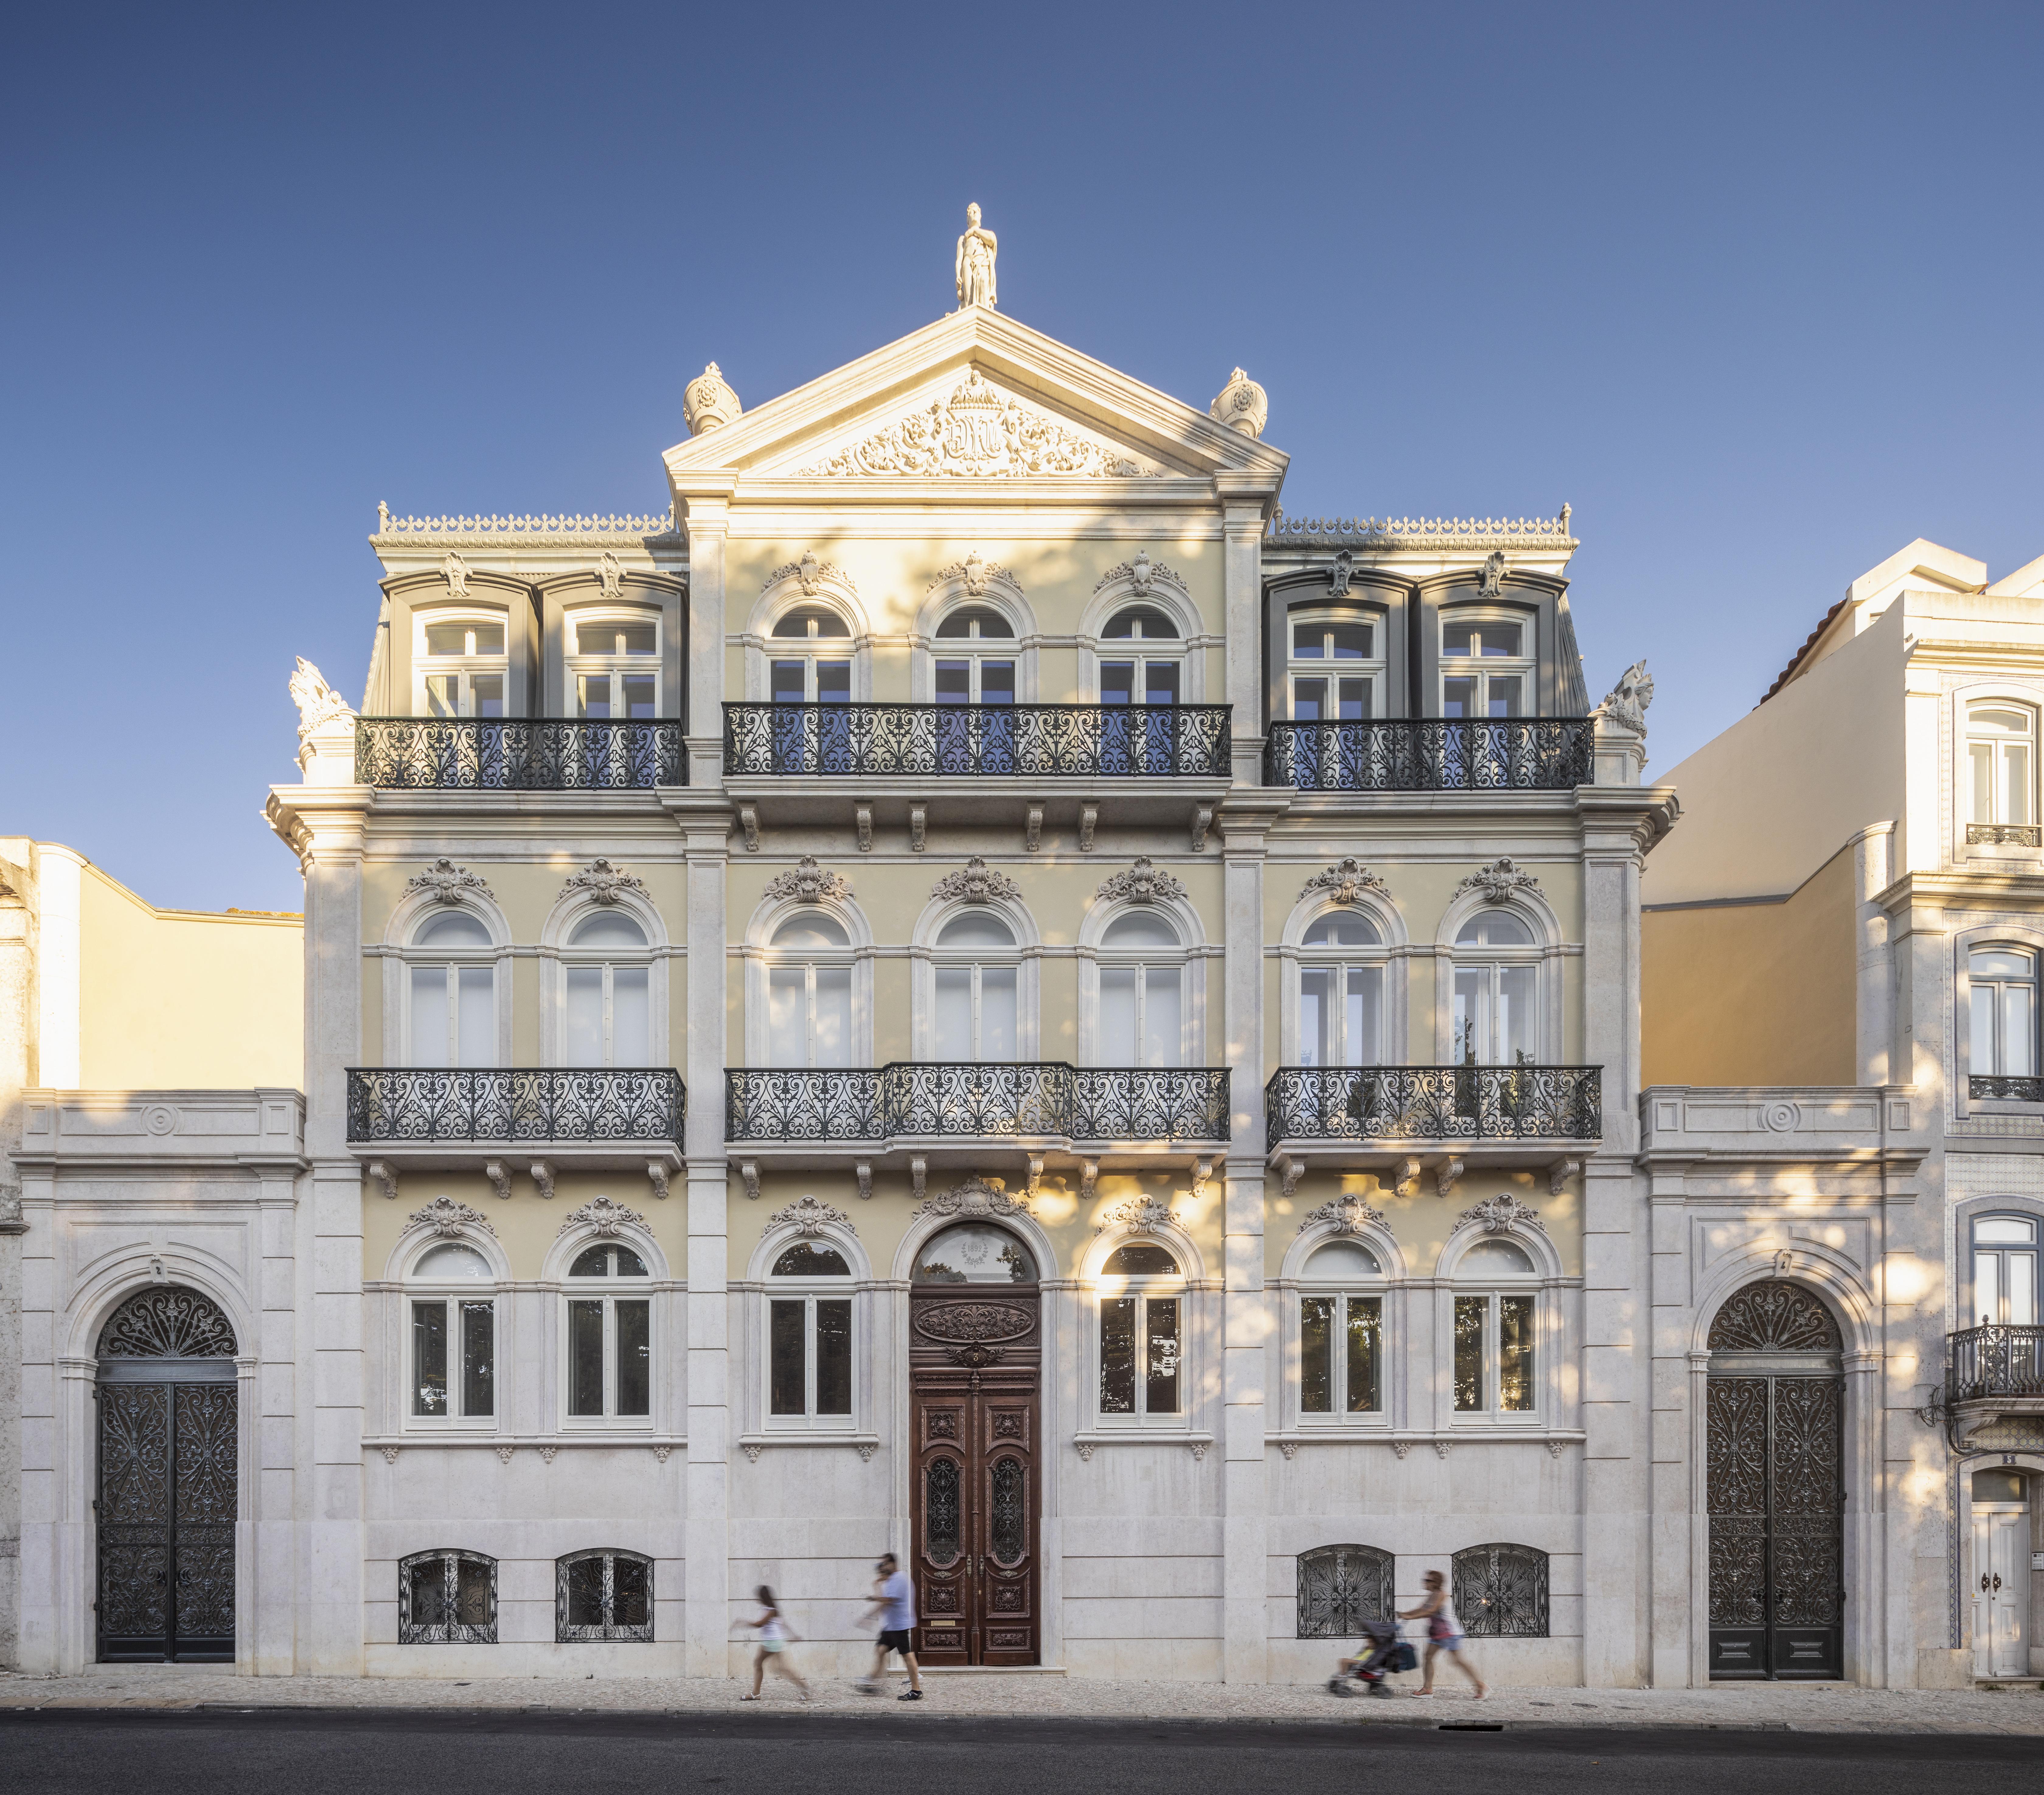 Palácio Faria, no Prícipe Real, em Lisboa / EastBanc